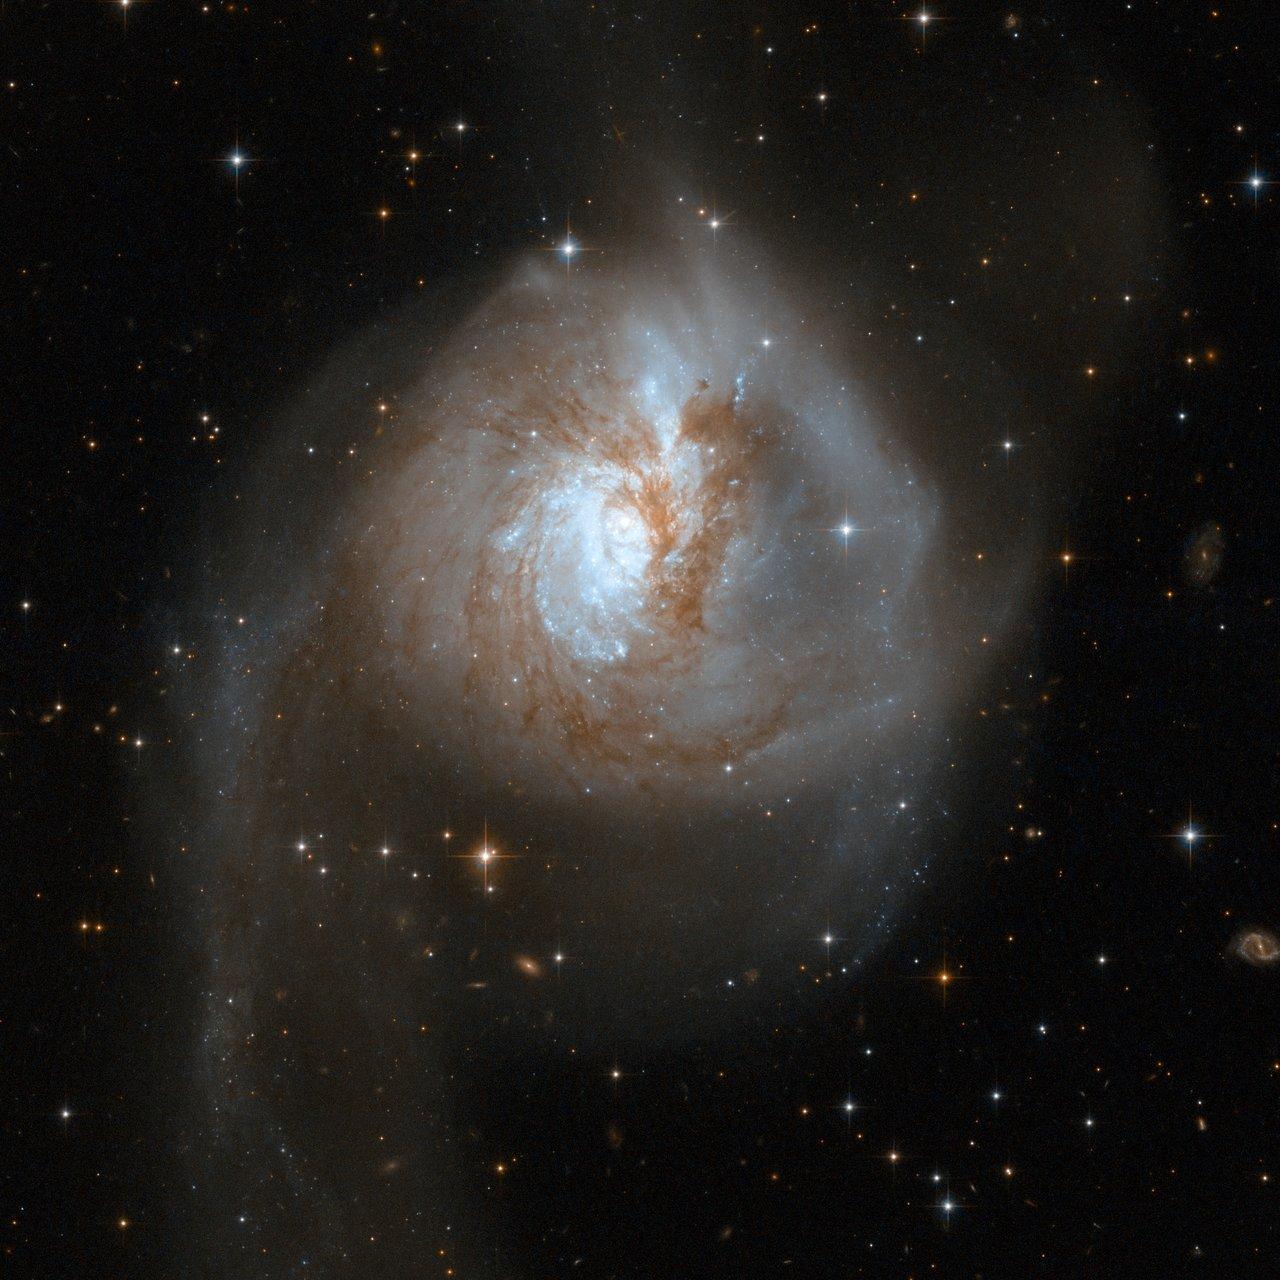 NGC 3256